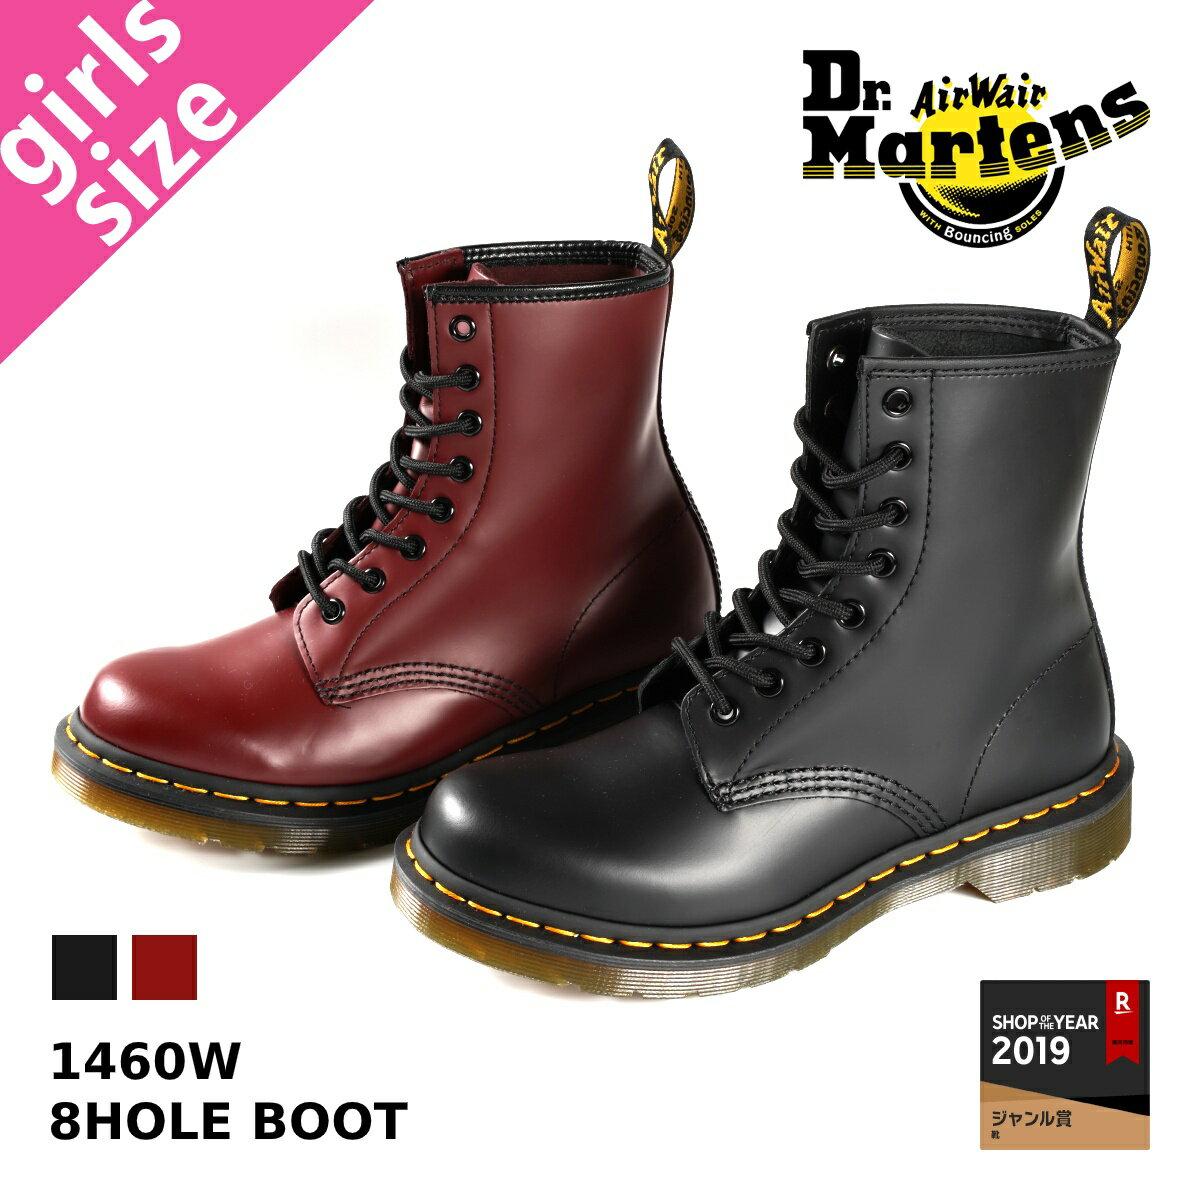 【待望のLady'sサイズ】 Dr.Martens 8HOLE BOOT 1460W ドクターマーチン レディース 8ホール ブーツ BLACK(11821006)/ CHERRY(11821600)